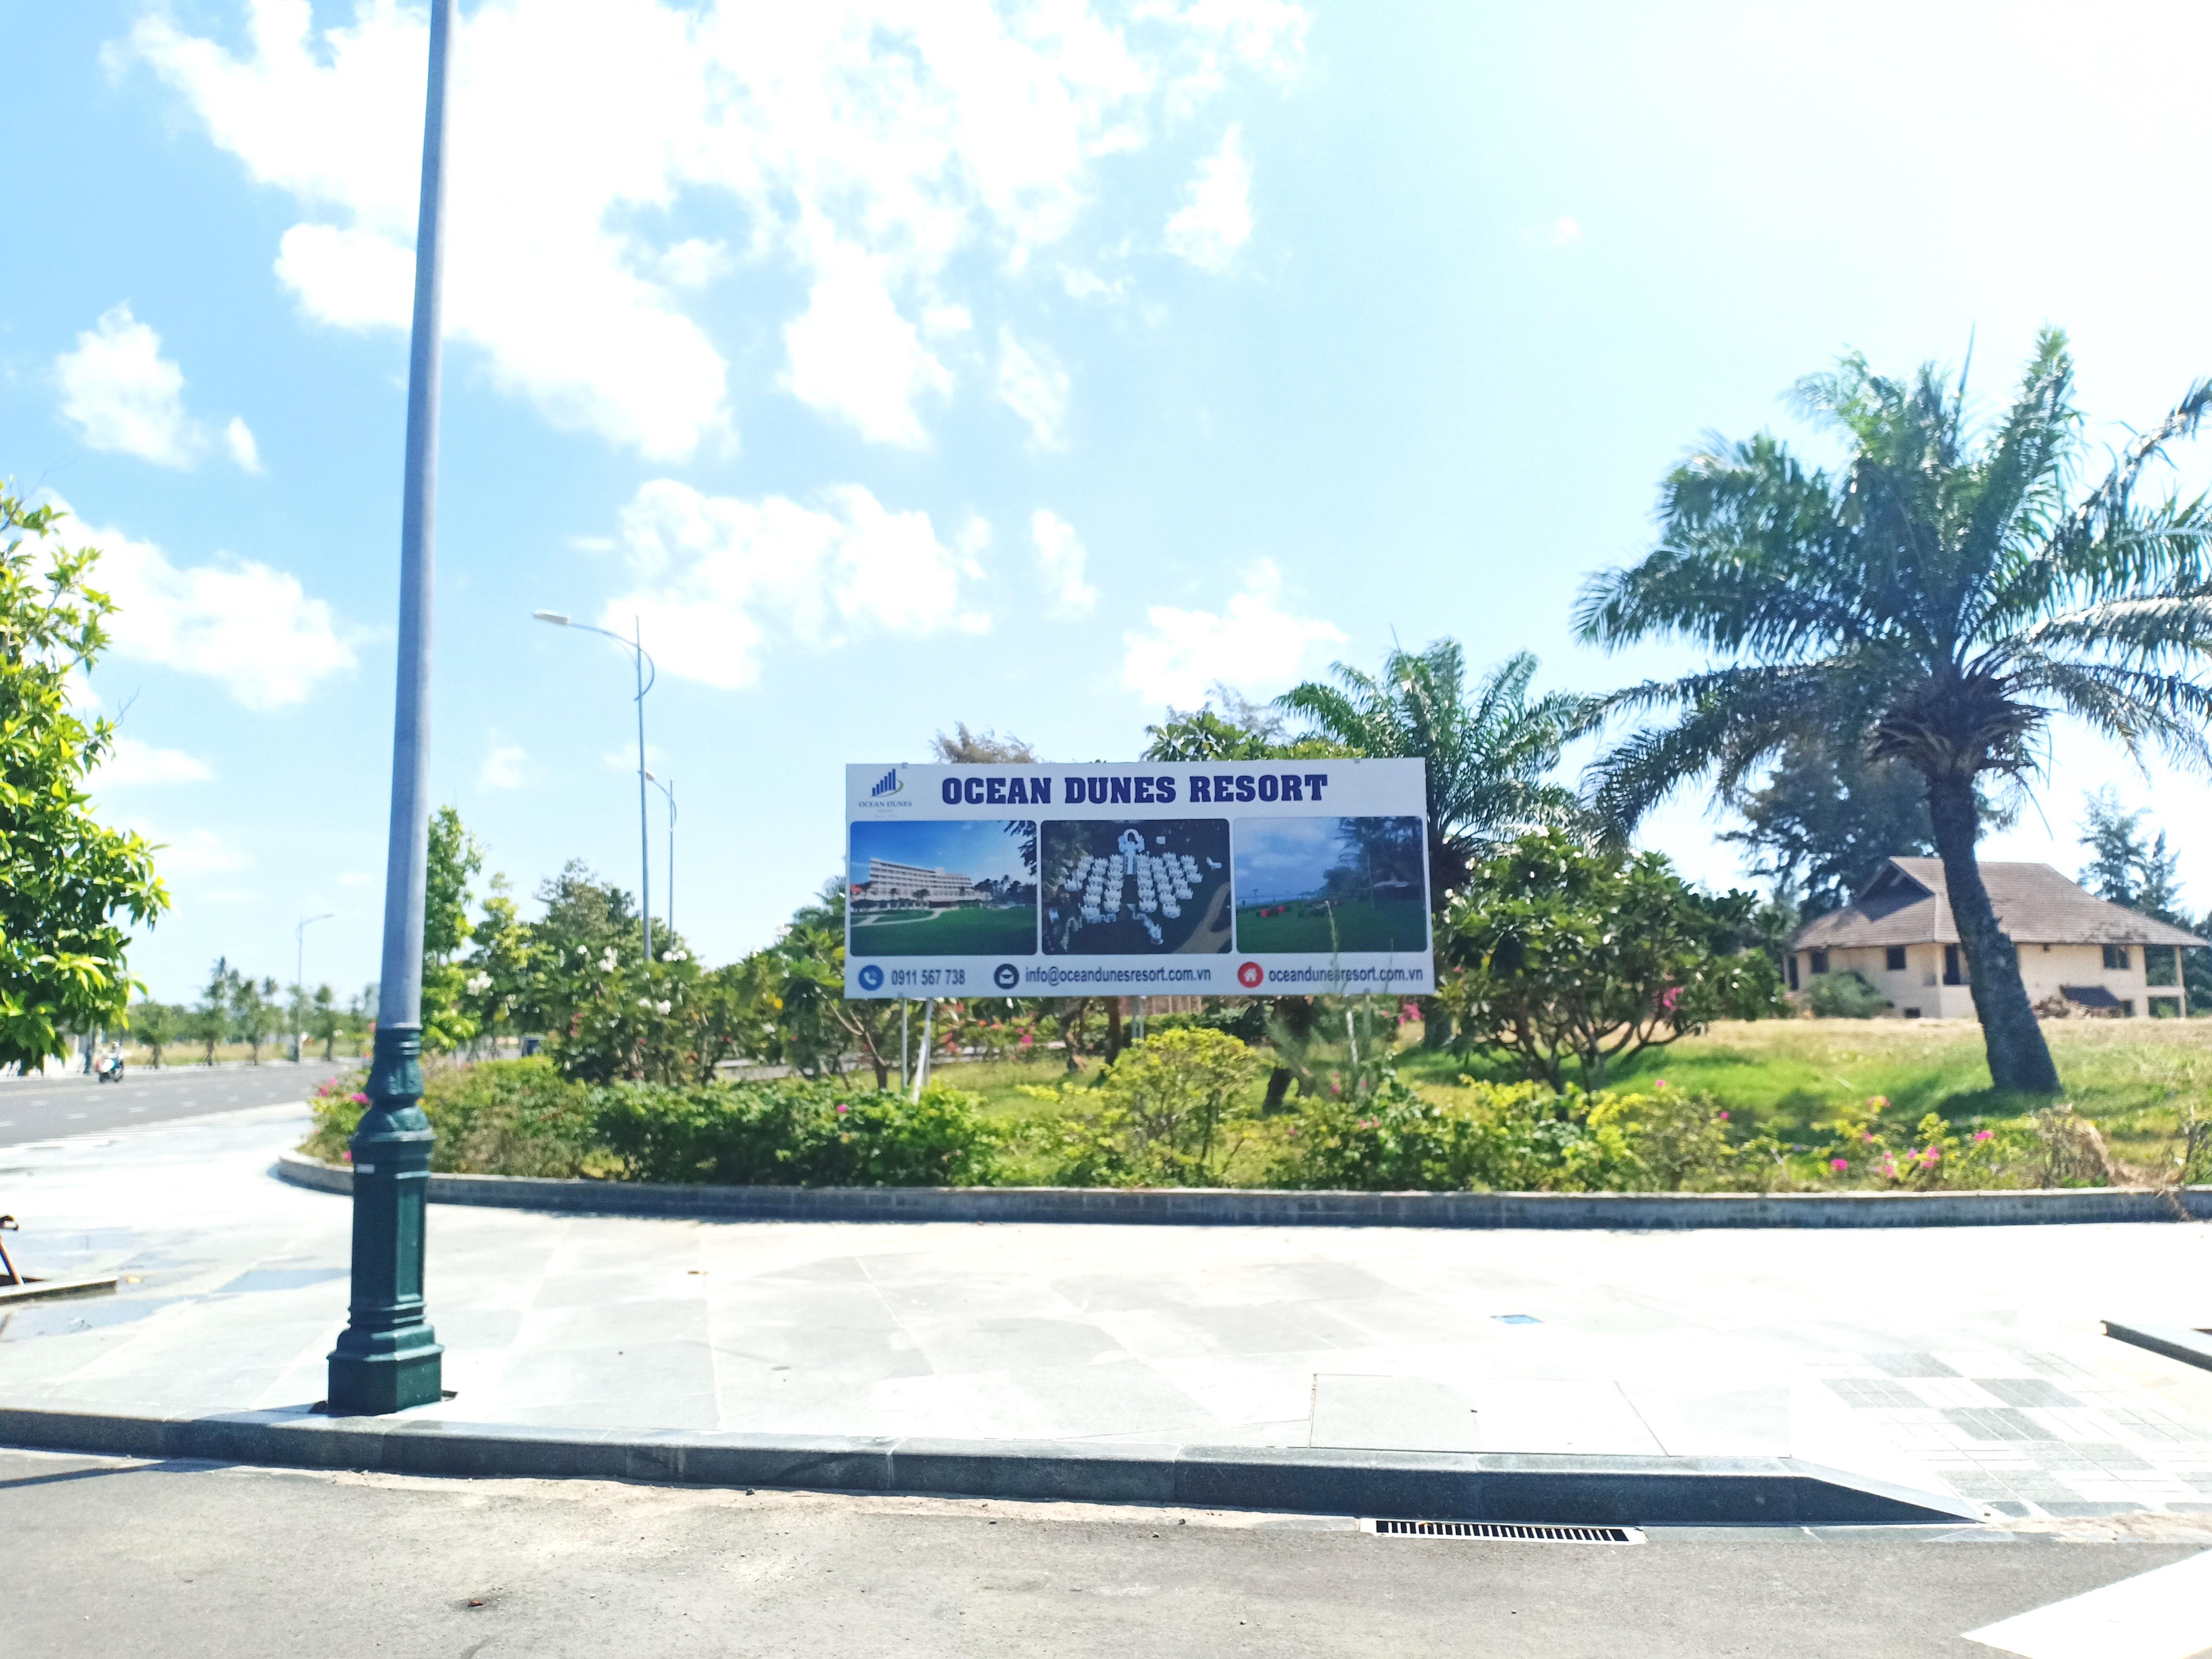 Đại gia tỉnh lẻ nhìn từ ông chủ sân golf Phan Thiết - Ảnh 12.